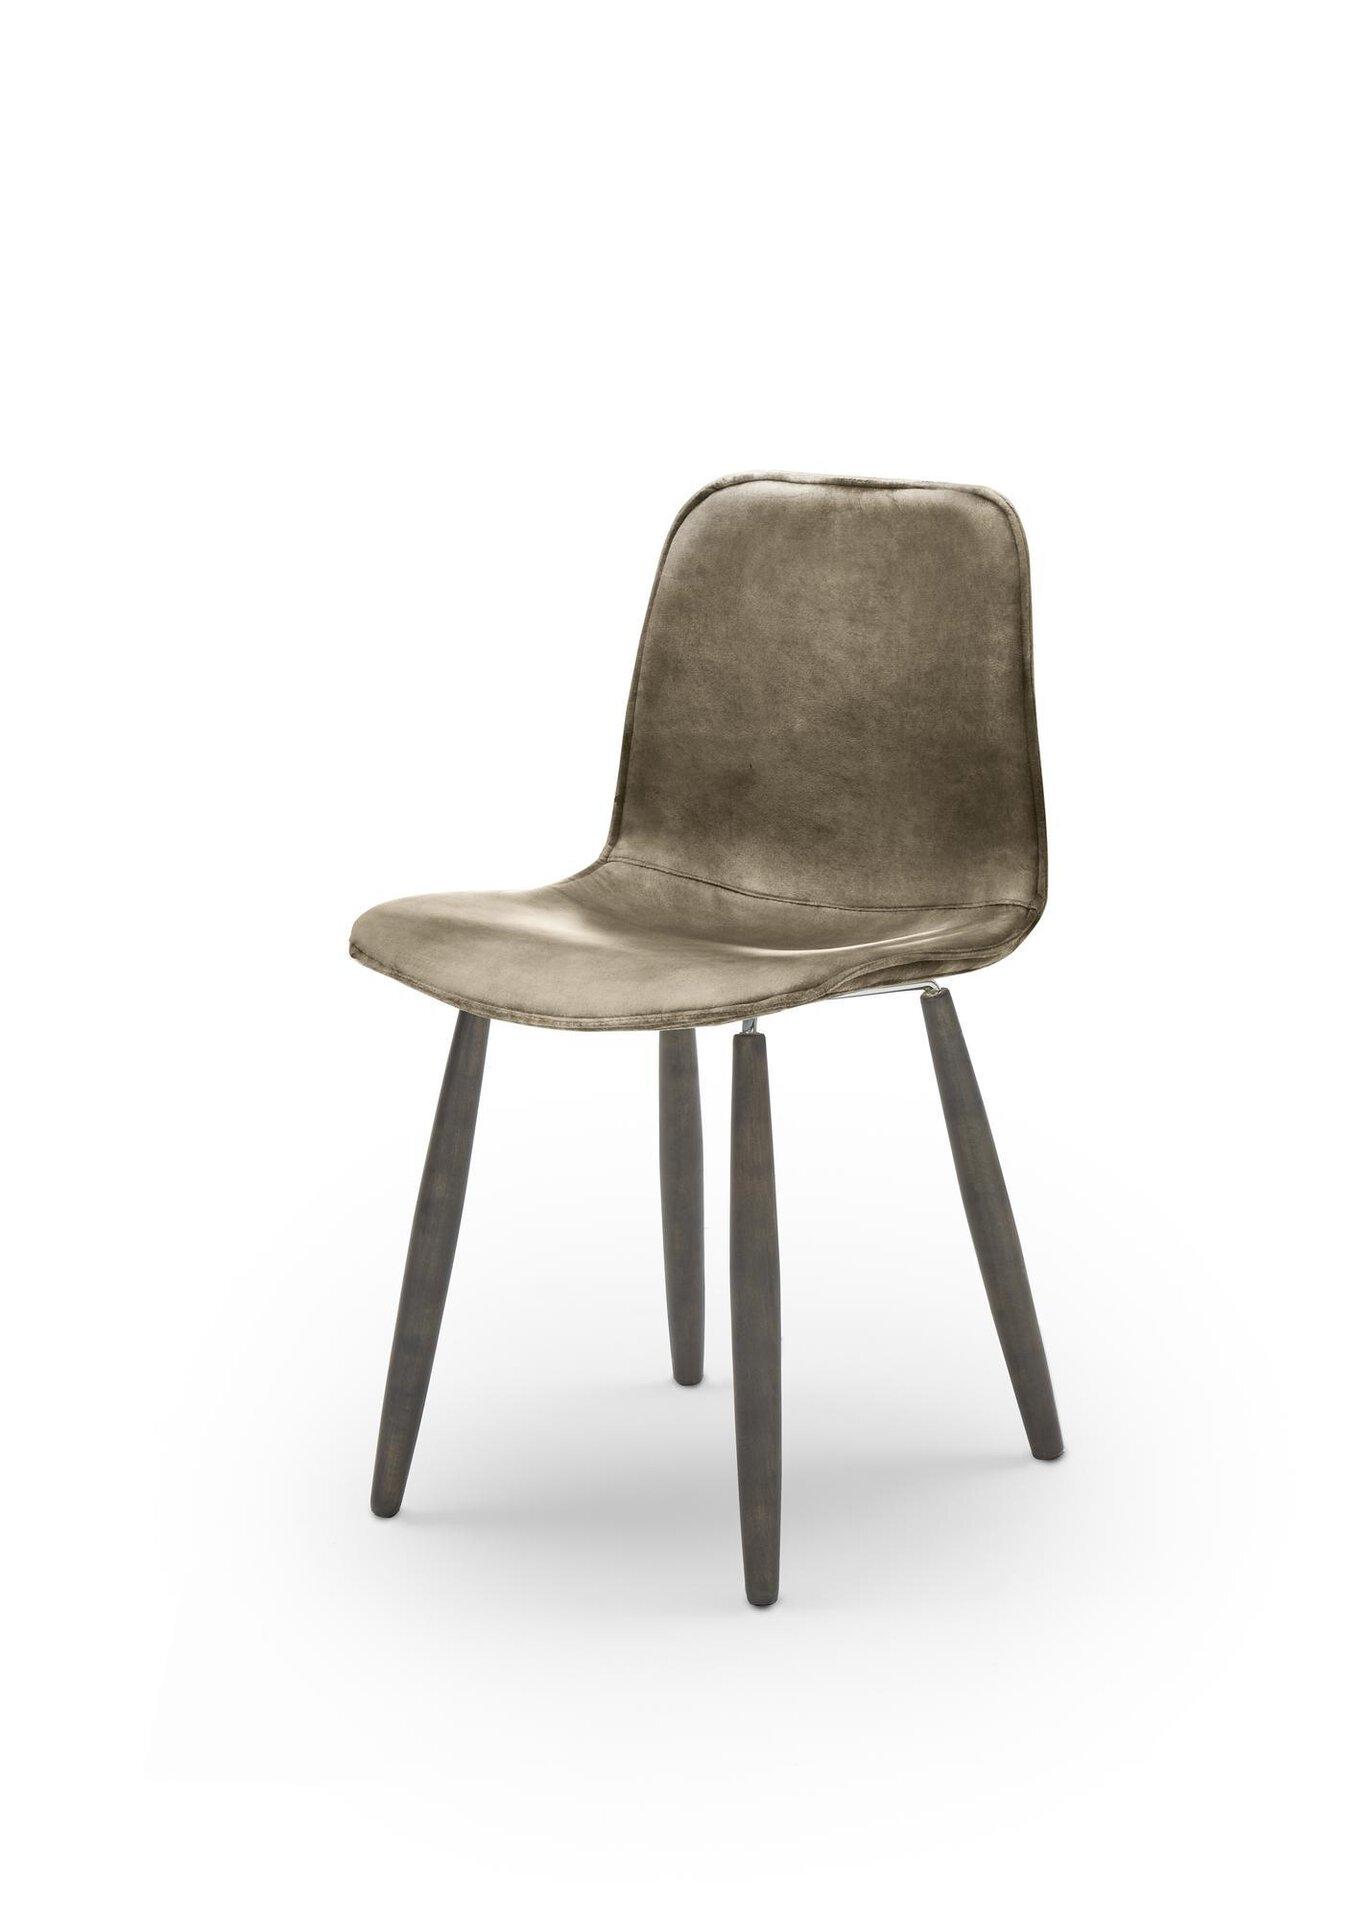 4-Fuß-Stuhl WK7001 Felix WK Wohnen Edition Leder braun 52 x 80 x 47 cm